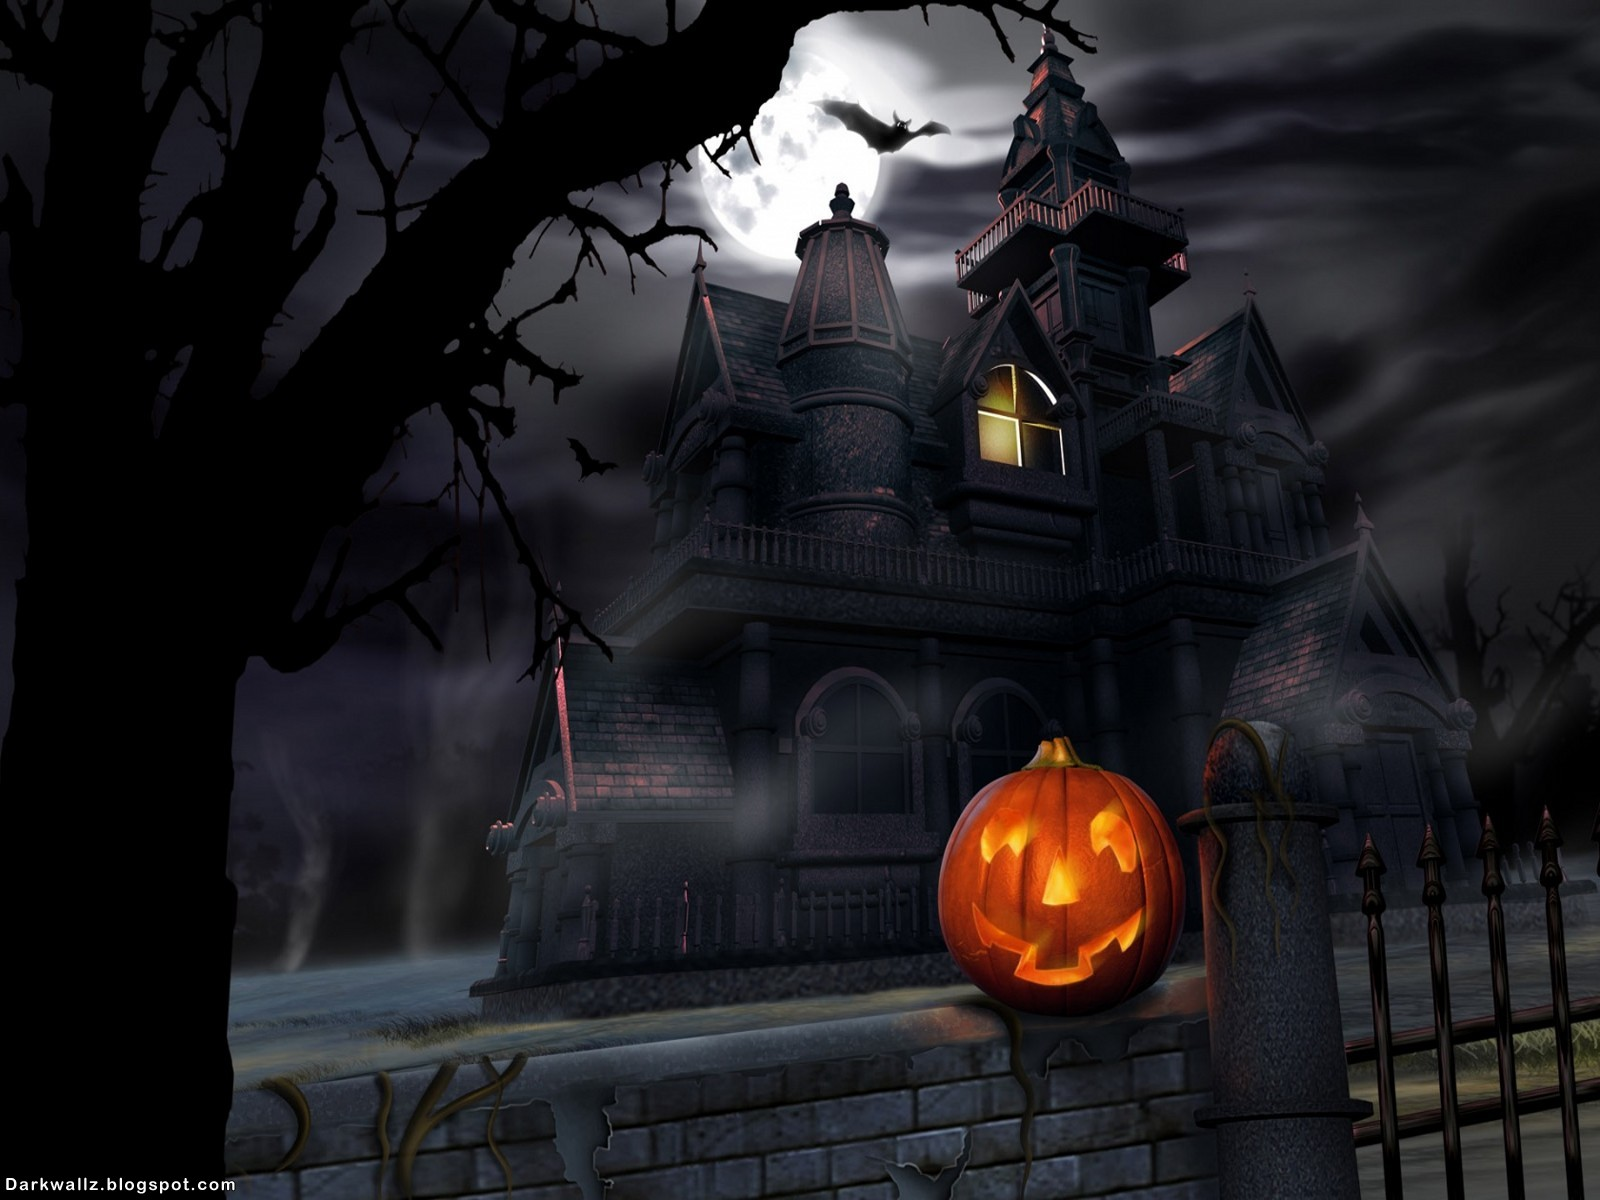 Download Wallpaper High Quality Halloween - Halloween_Wallpapers_117+(darkwallz  Snapshot_468294.jpg